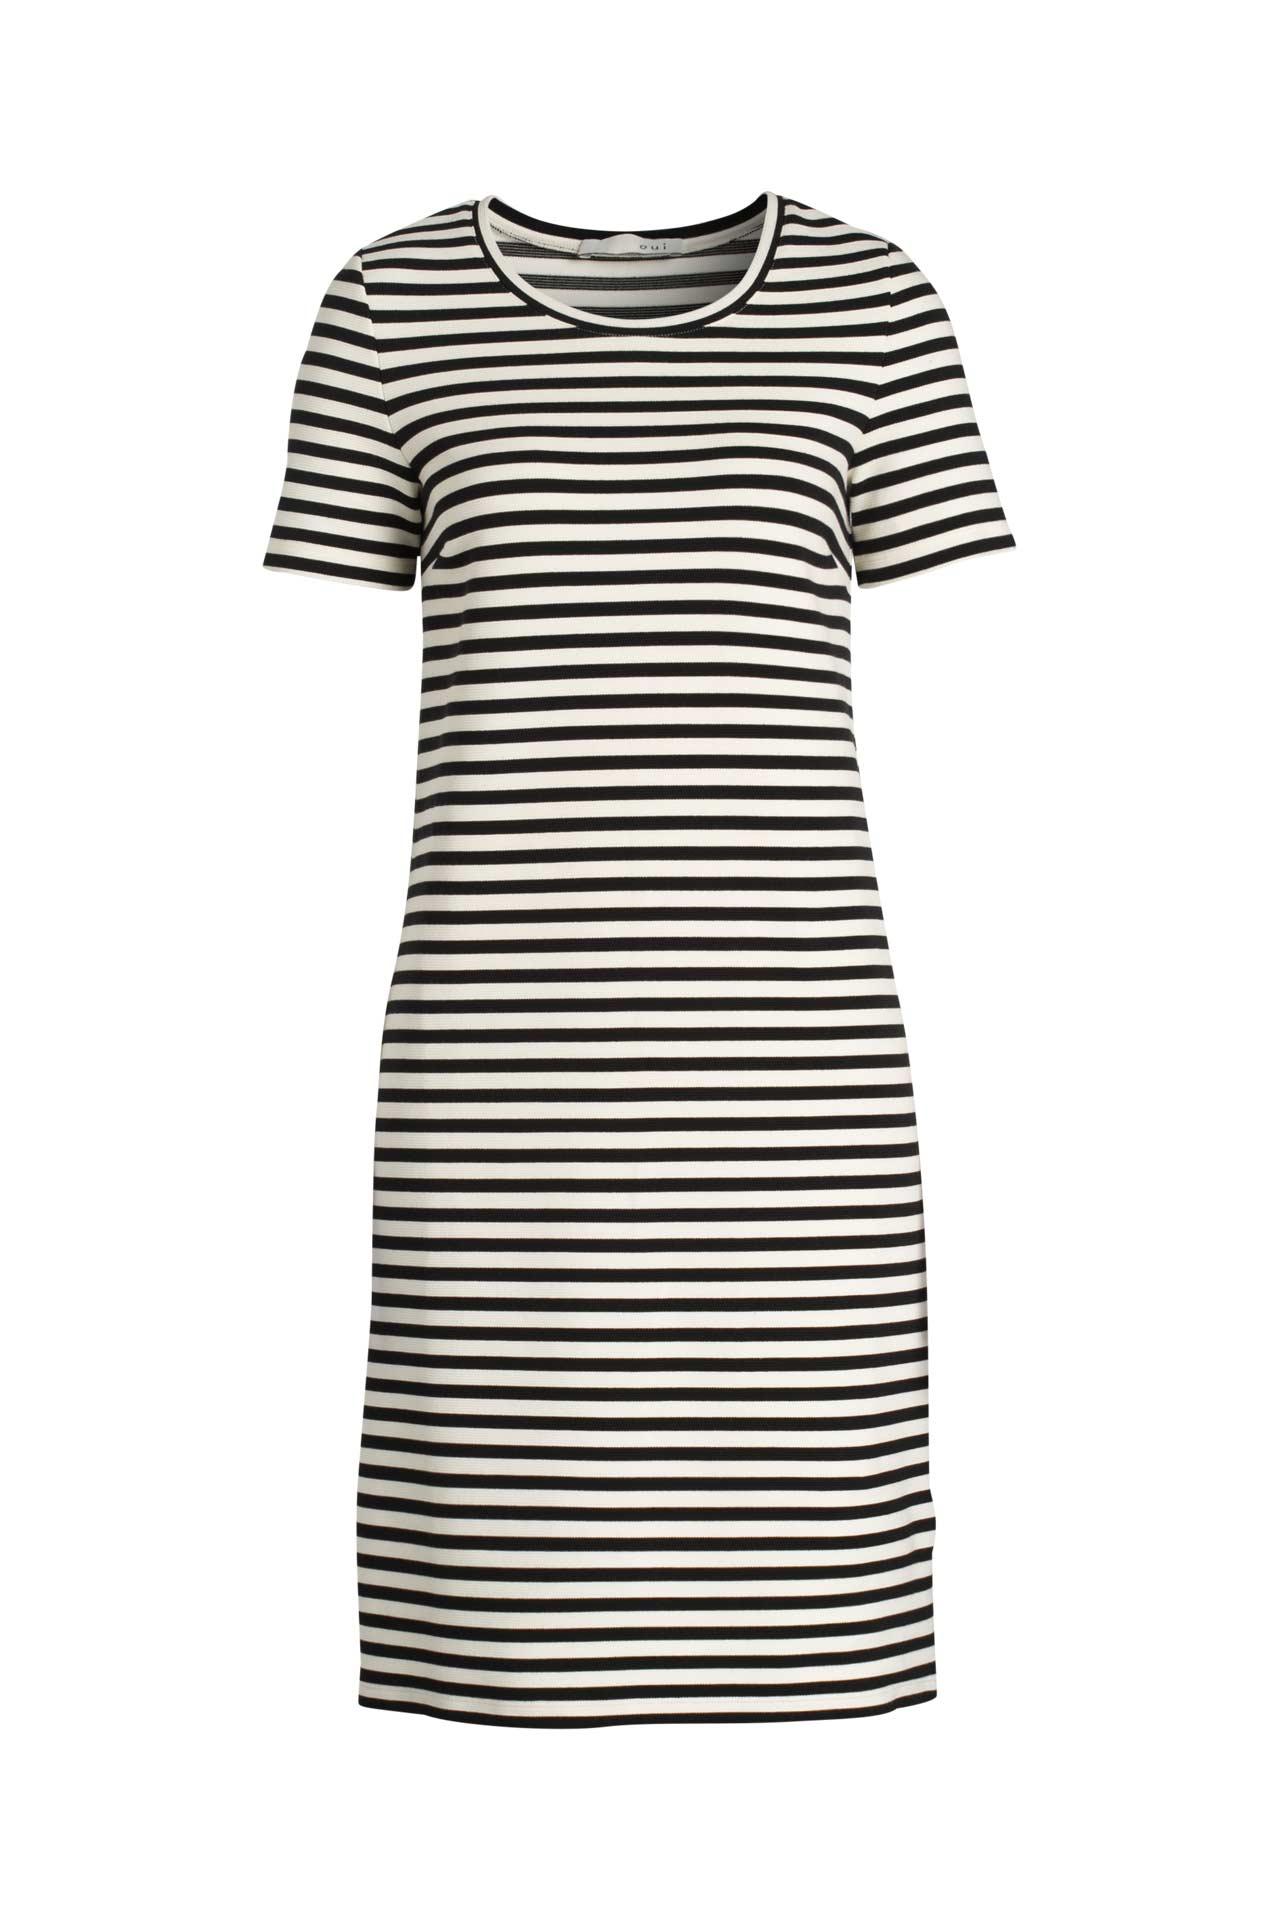 Jerseykleid gestreift - OUI » günstig online kaufen ...